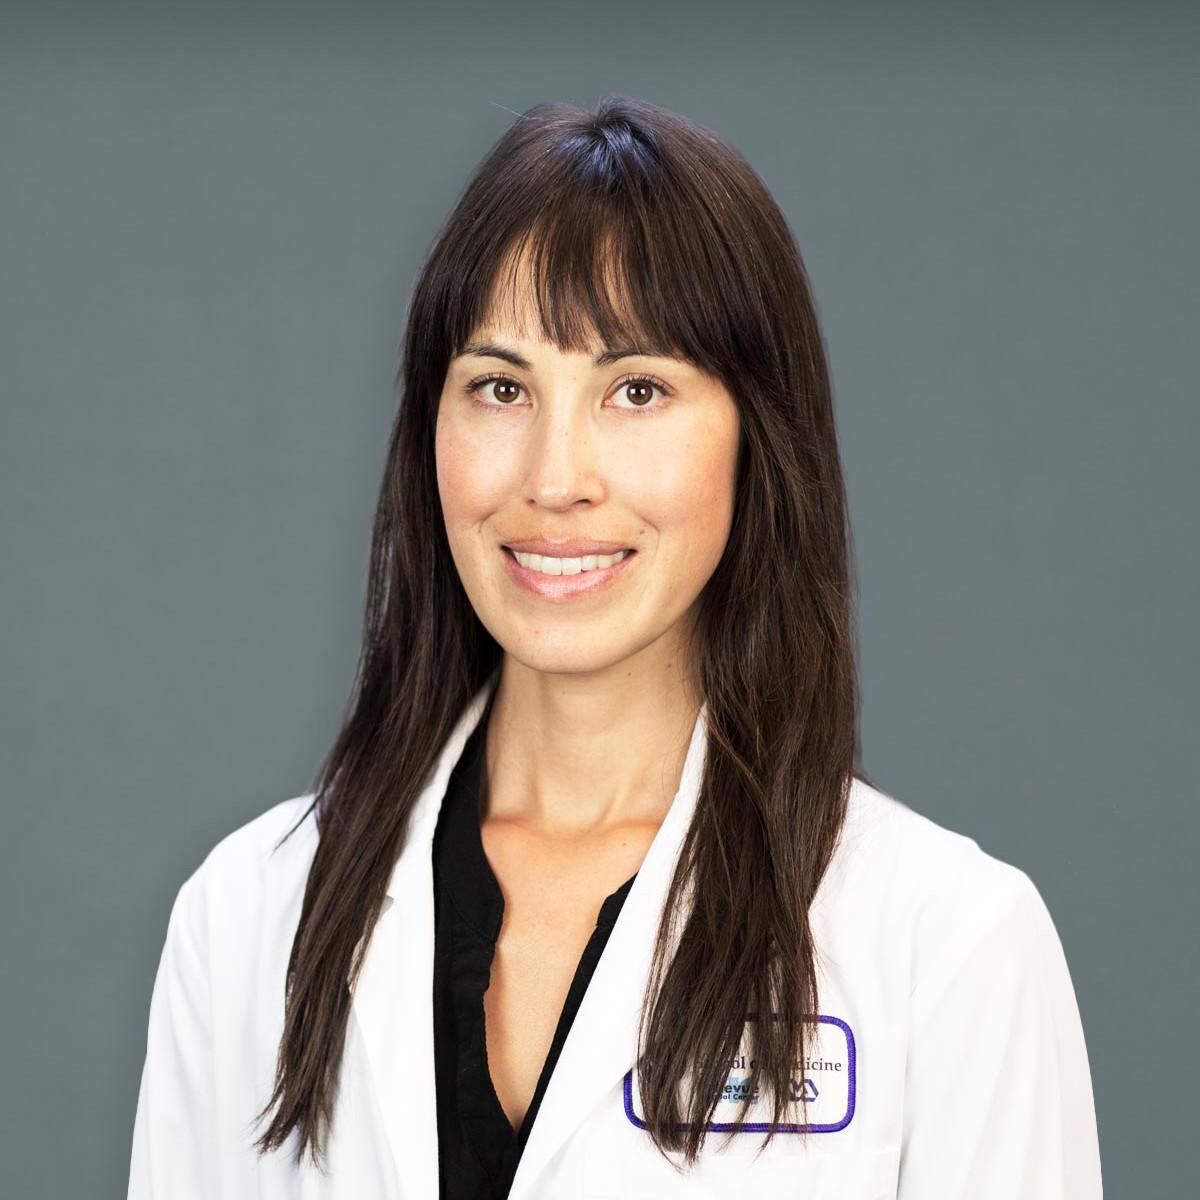 Kate Julie Baicy, MD, PhD